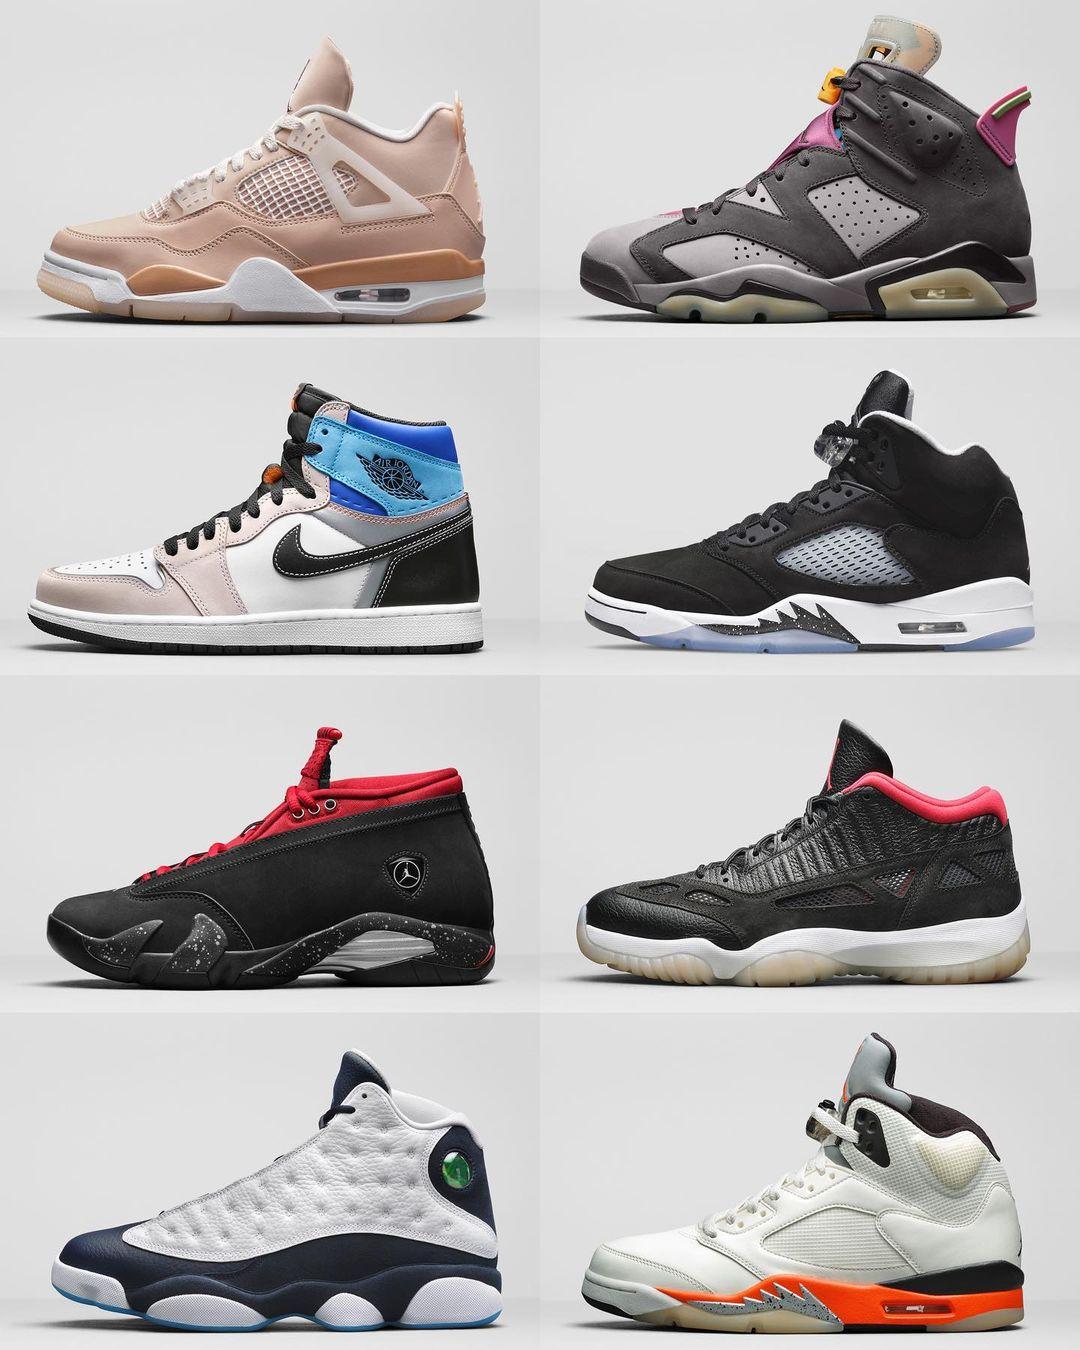 AJ1,AJ4,AJ5,发售  下月 AJ 发售计划曝光!这 8 双你最想买哪个?